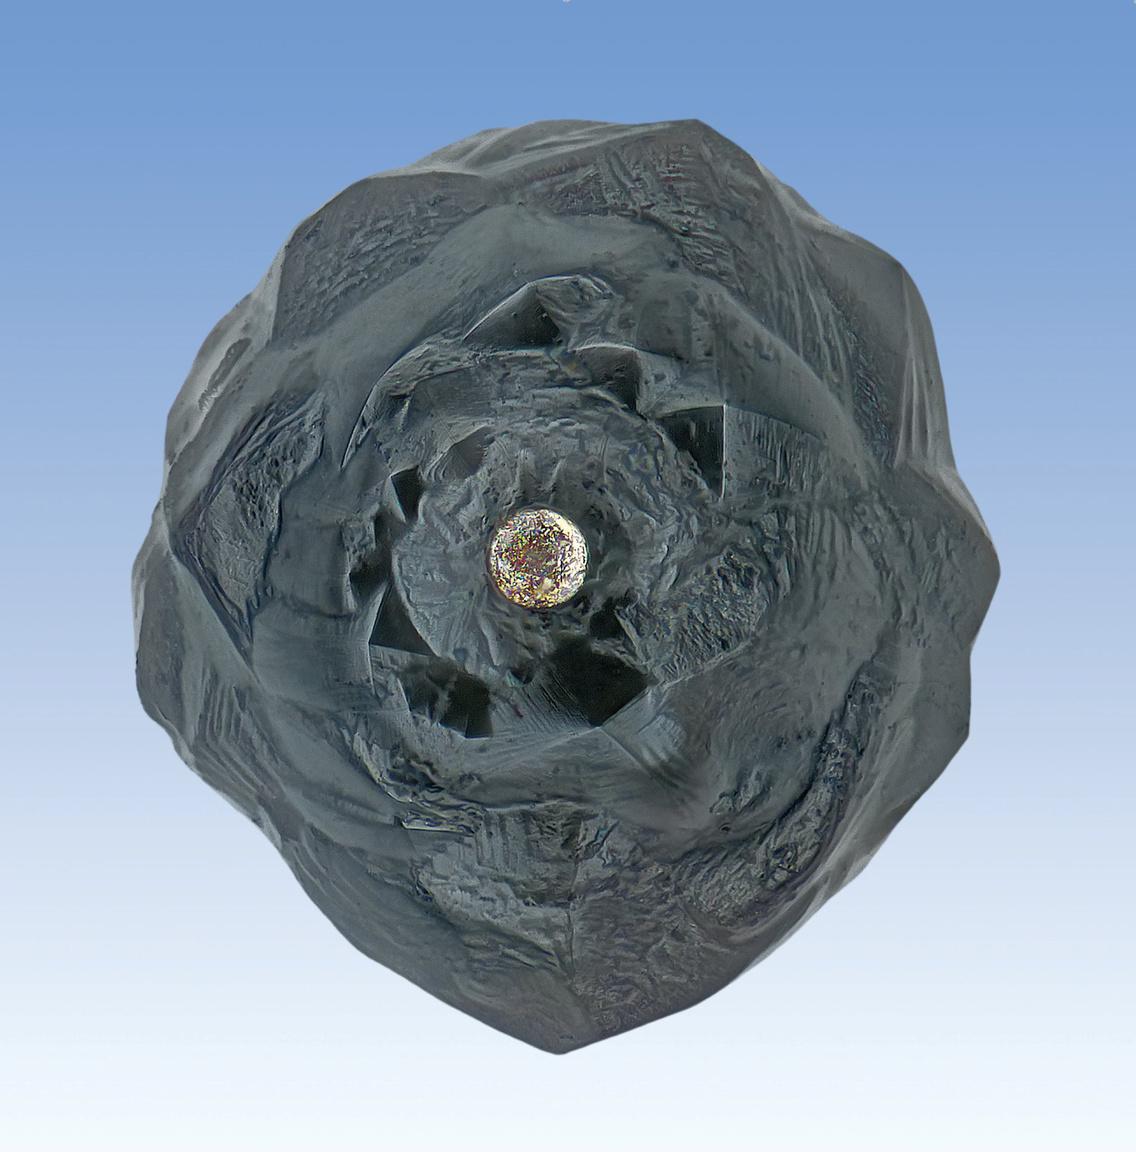 Kriptokristályos szépség króm-nikkel gyönggyel, ami egykor a magját alkotta.